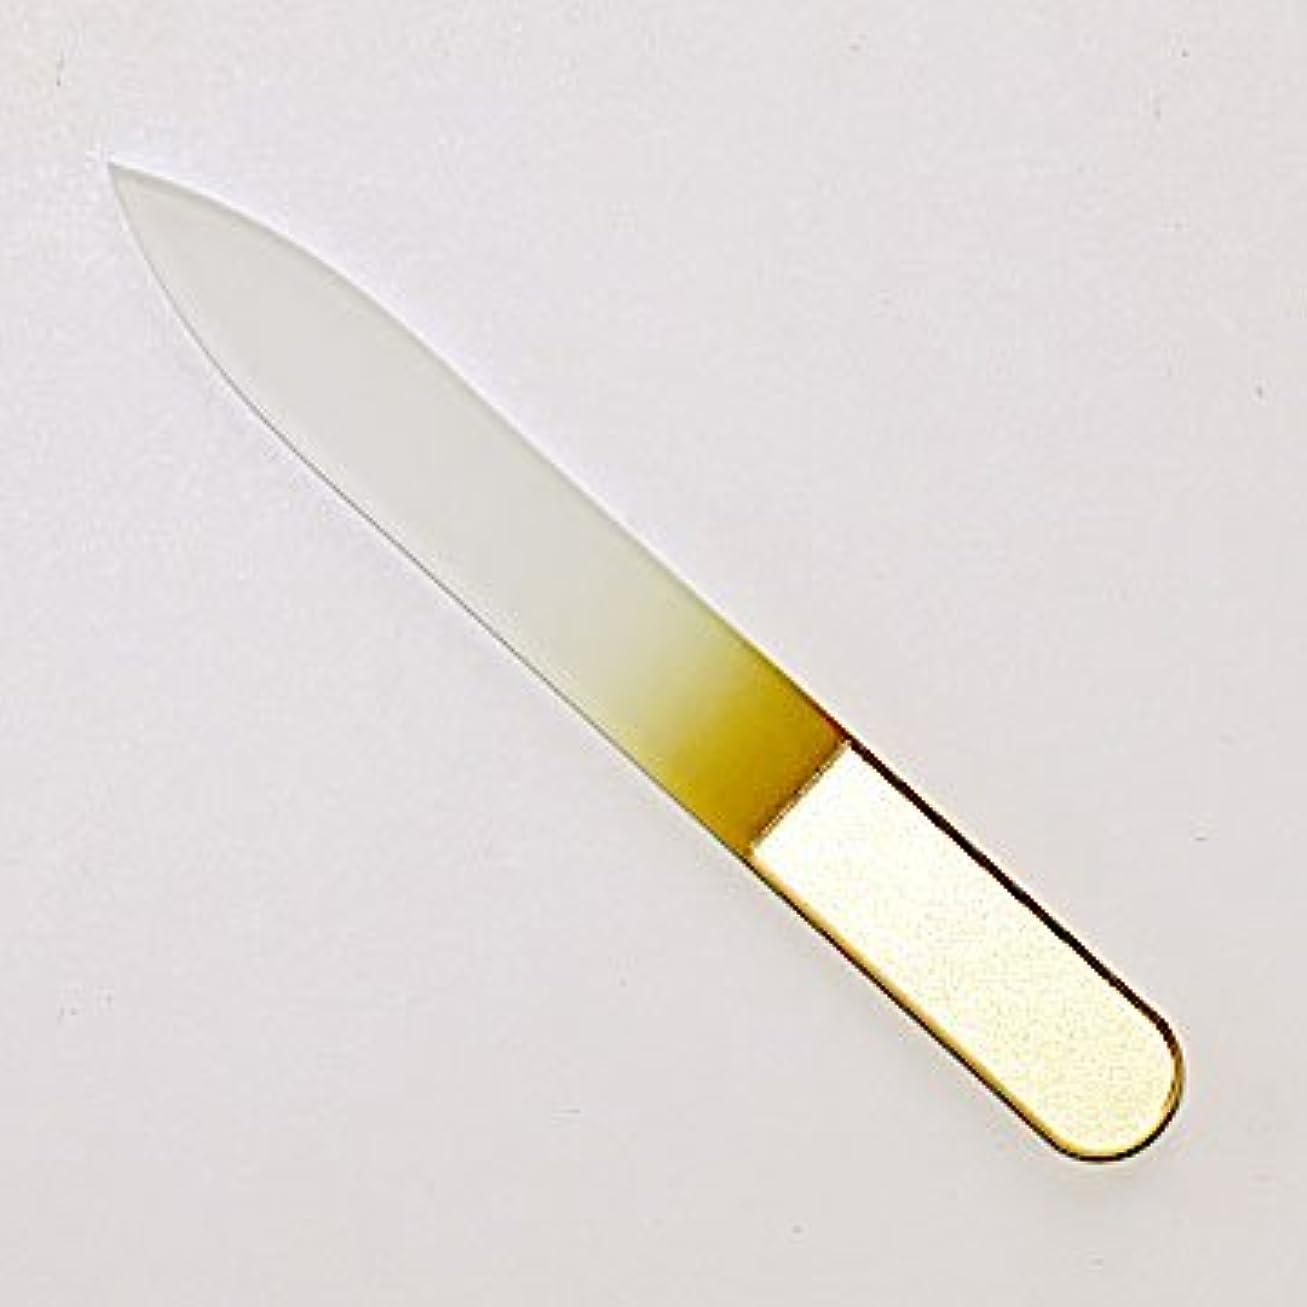 情熱内なる一掃するチェコ製 AXiON(アクシオン)ガラス製爪ヤスリ(ゴールド)両面タイプ #slg009614fba